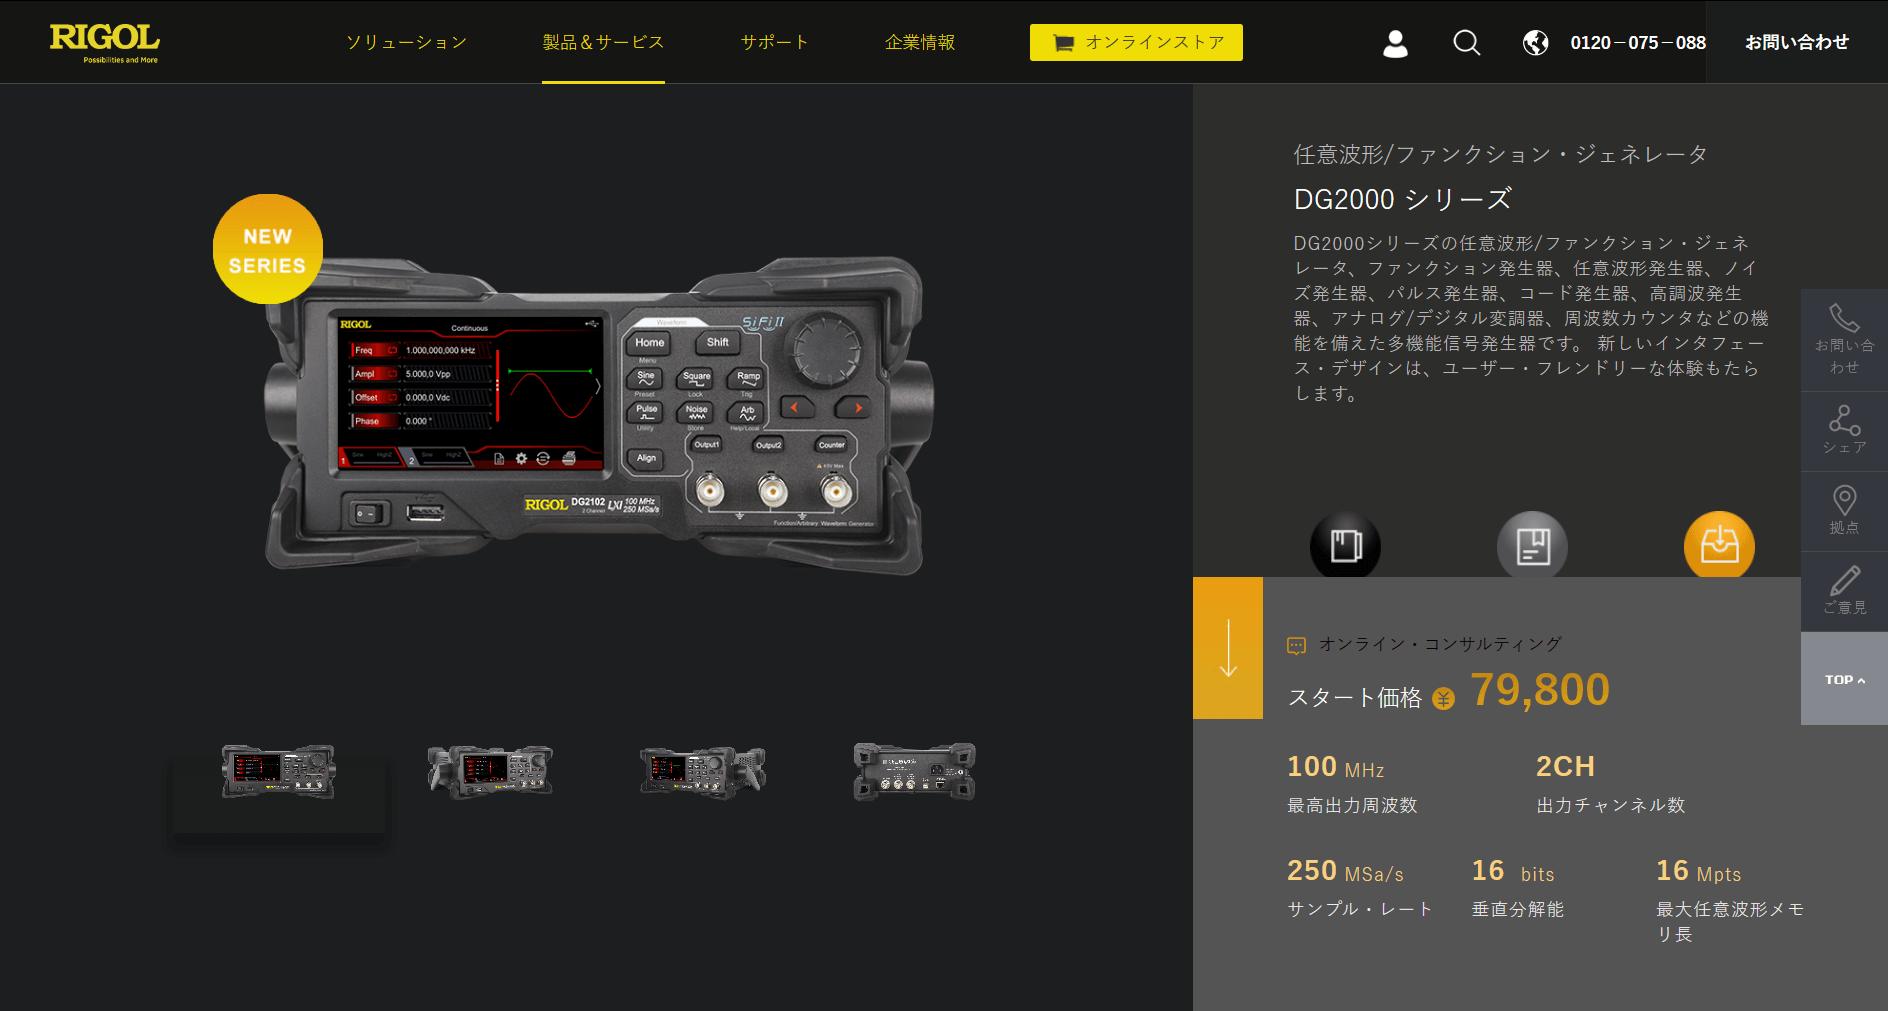 DG2000 シリーズ